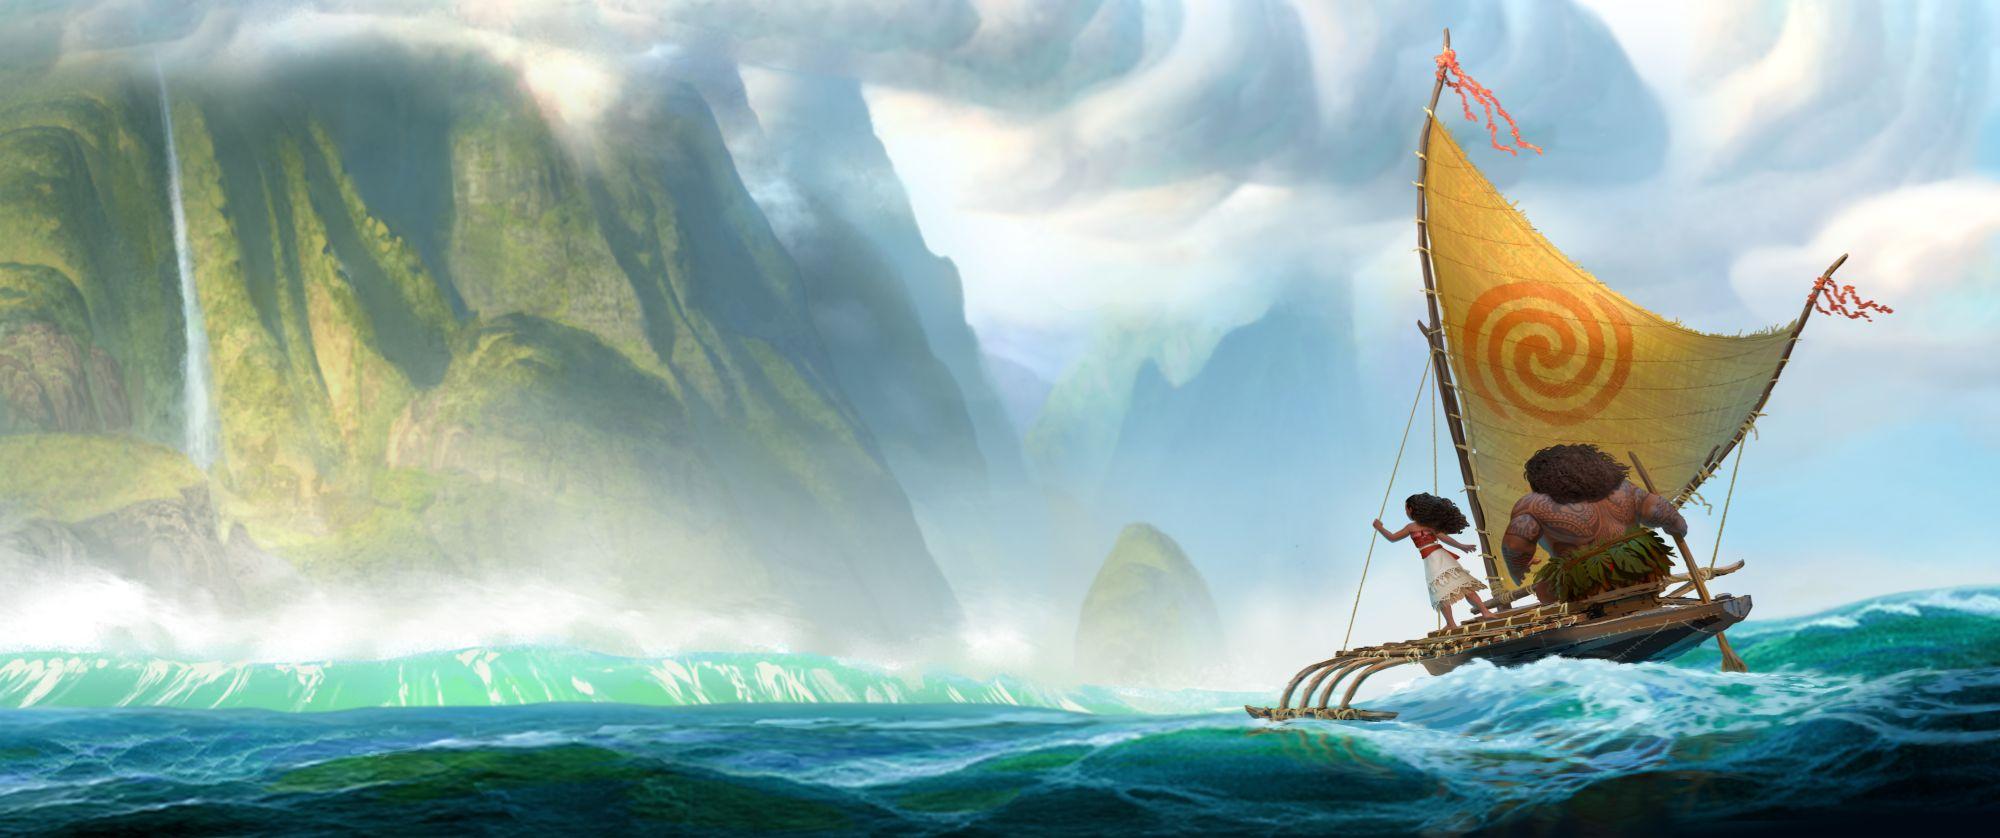 Ein Kanu auf dem Meer, darin ein breit gebauter Mann und eine junge Frau. Im Hintergrund hohe, von Pflanzen überwucherte Klippen.